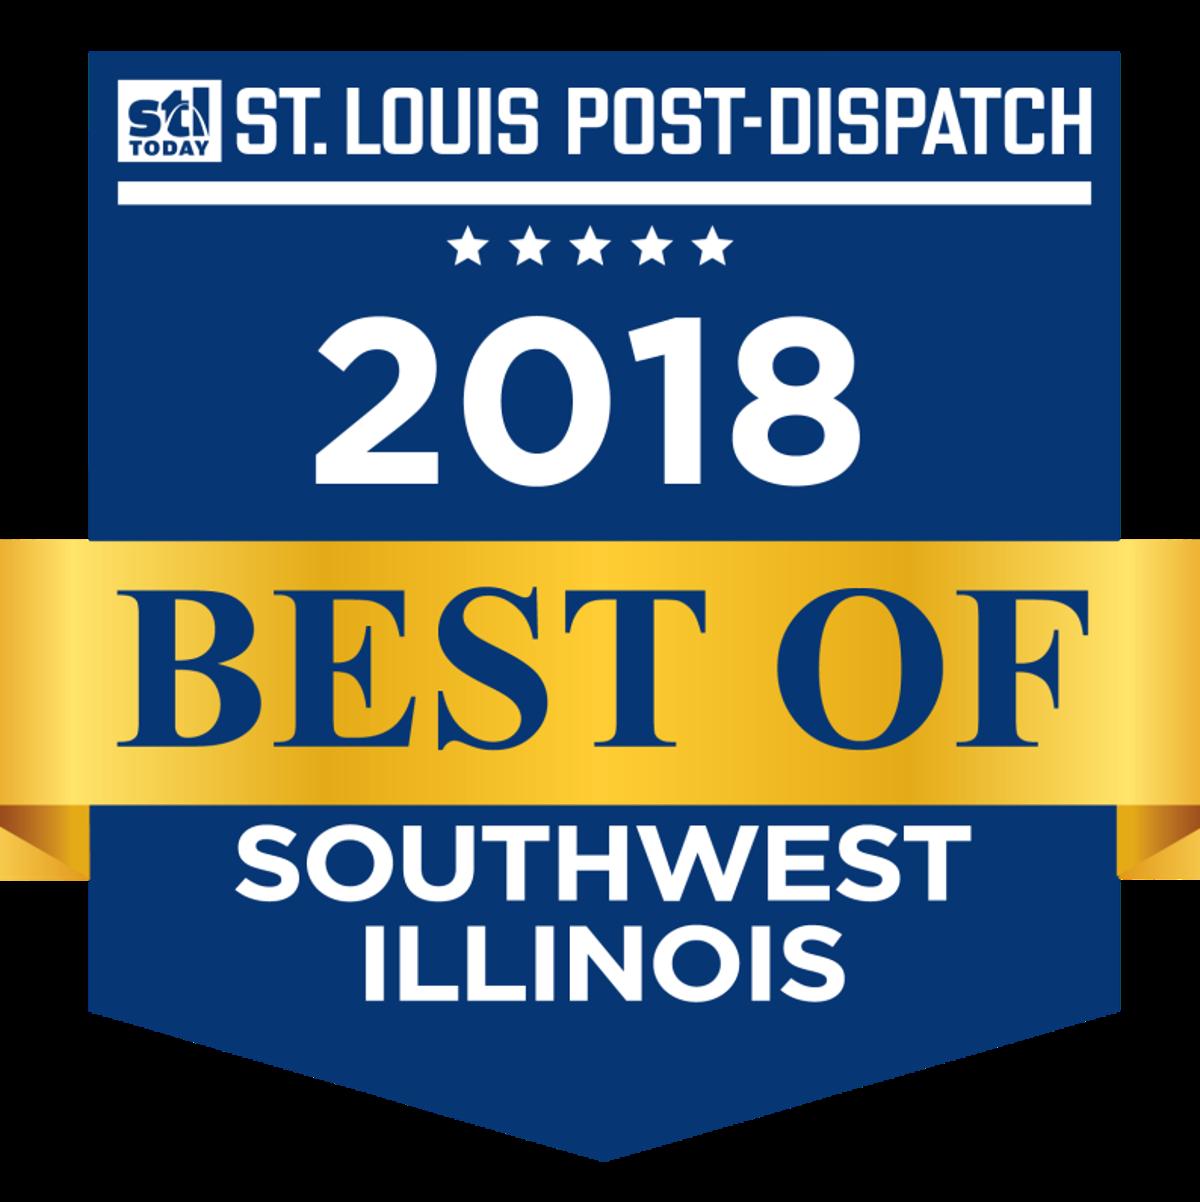 Meet the 2018 Best of Southwest Illinois winners   Illinois